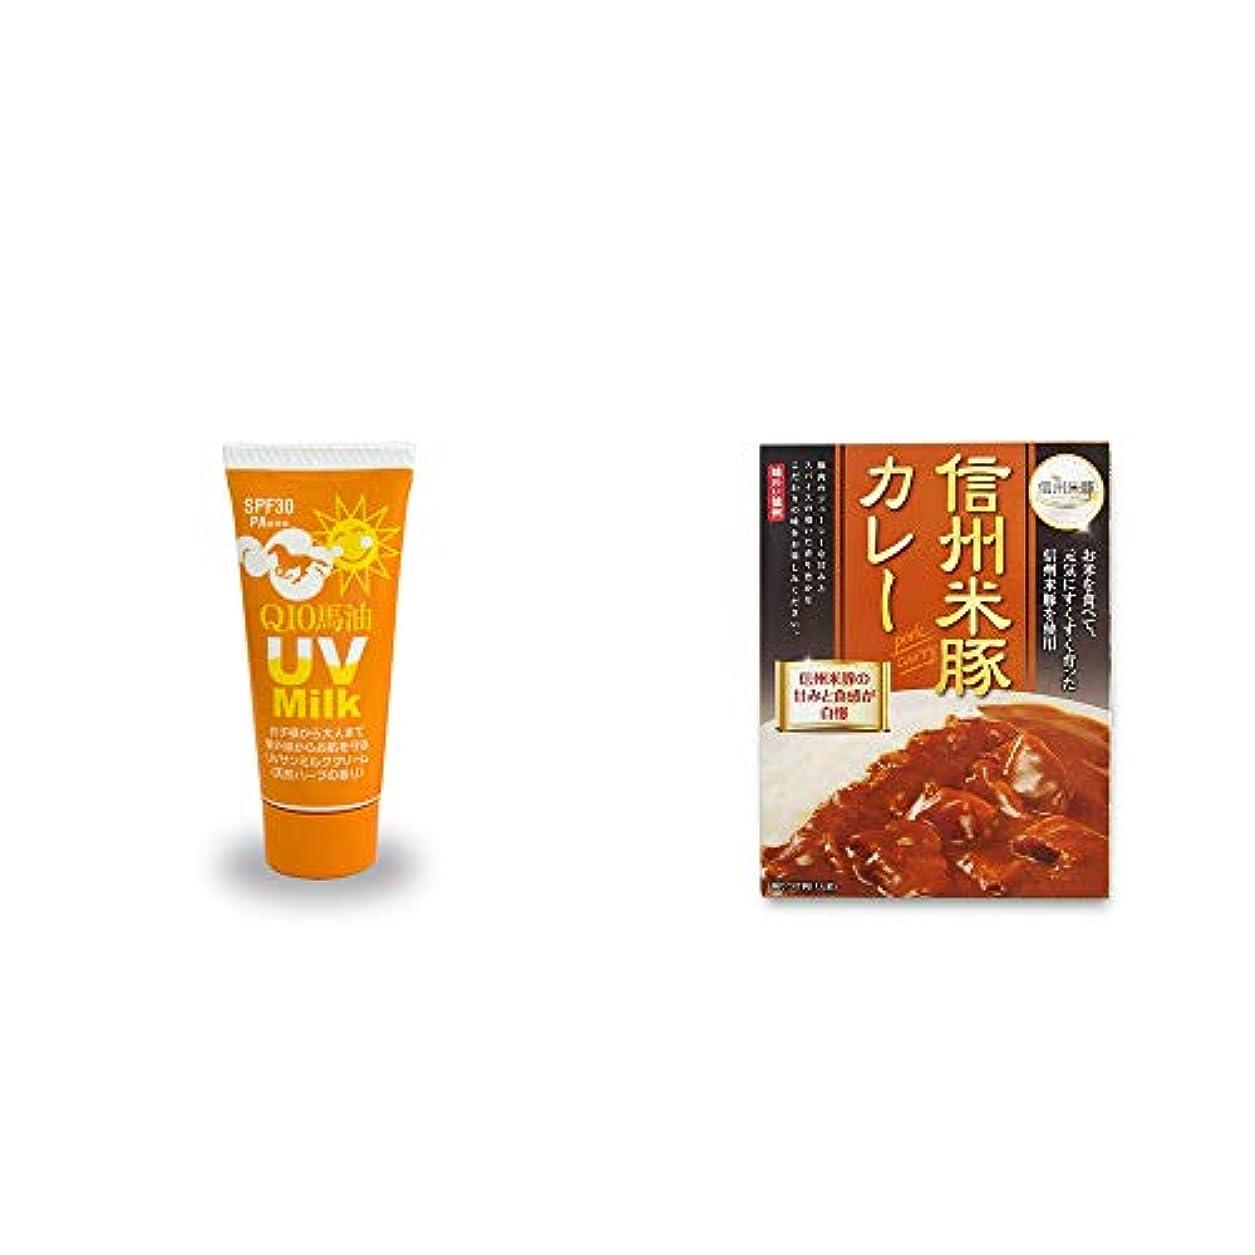 売るバッグシンジケート[2点セット] 炭黒泉 Q10馬油 UVサンミルク[天然ハーブ](40g)?信州米豚カレー(1食分)